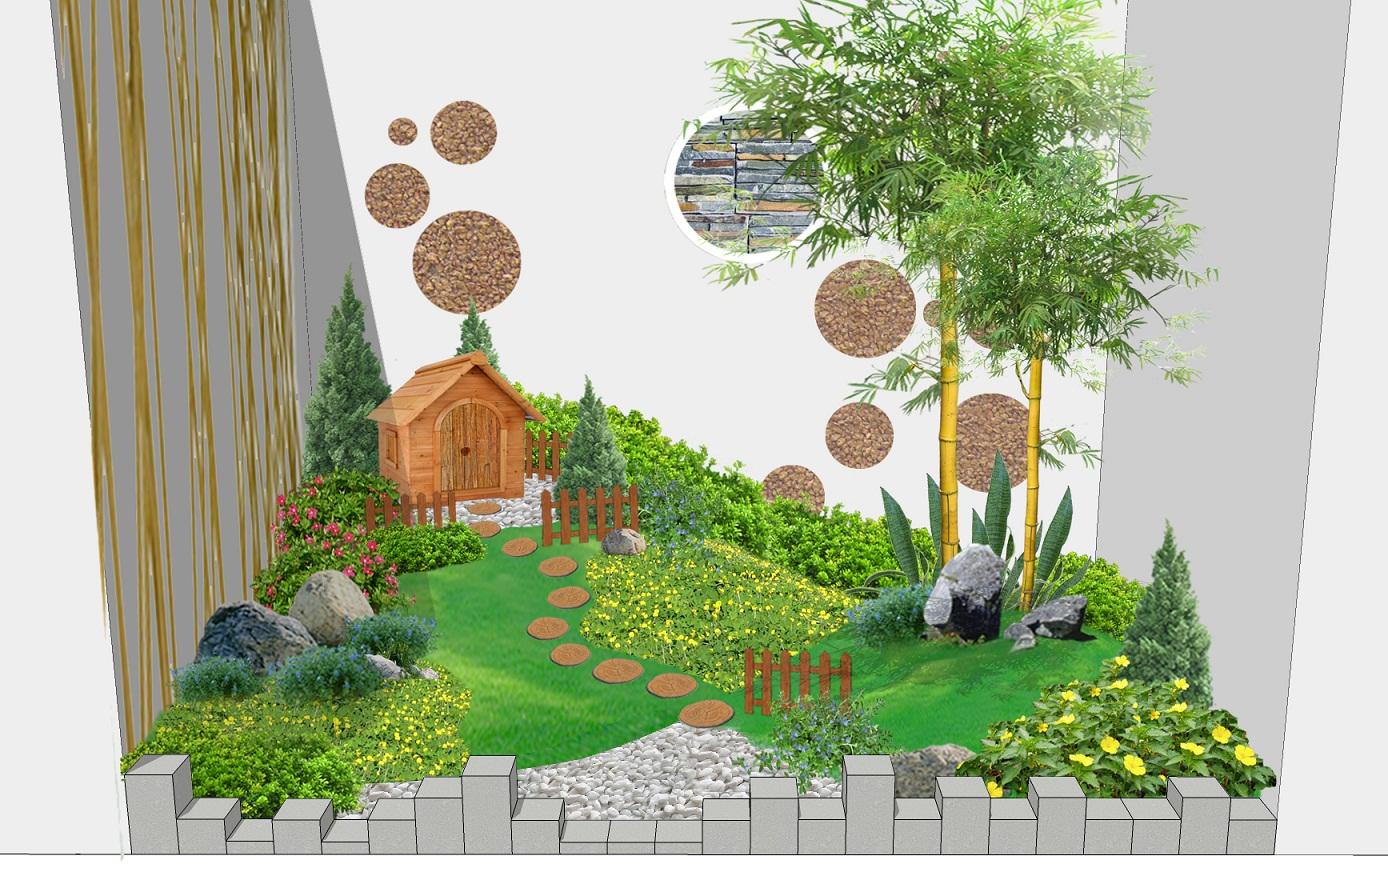 Tiểu cảnh sân vườn đẹp 2020 trên sân thượng